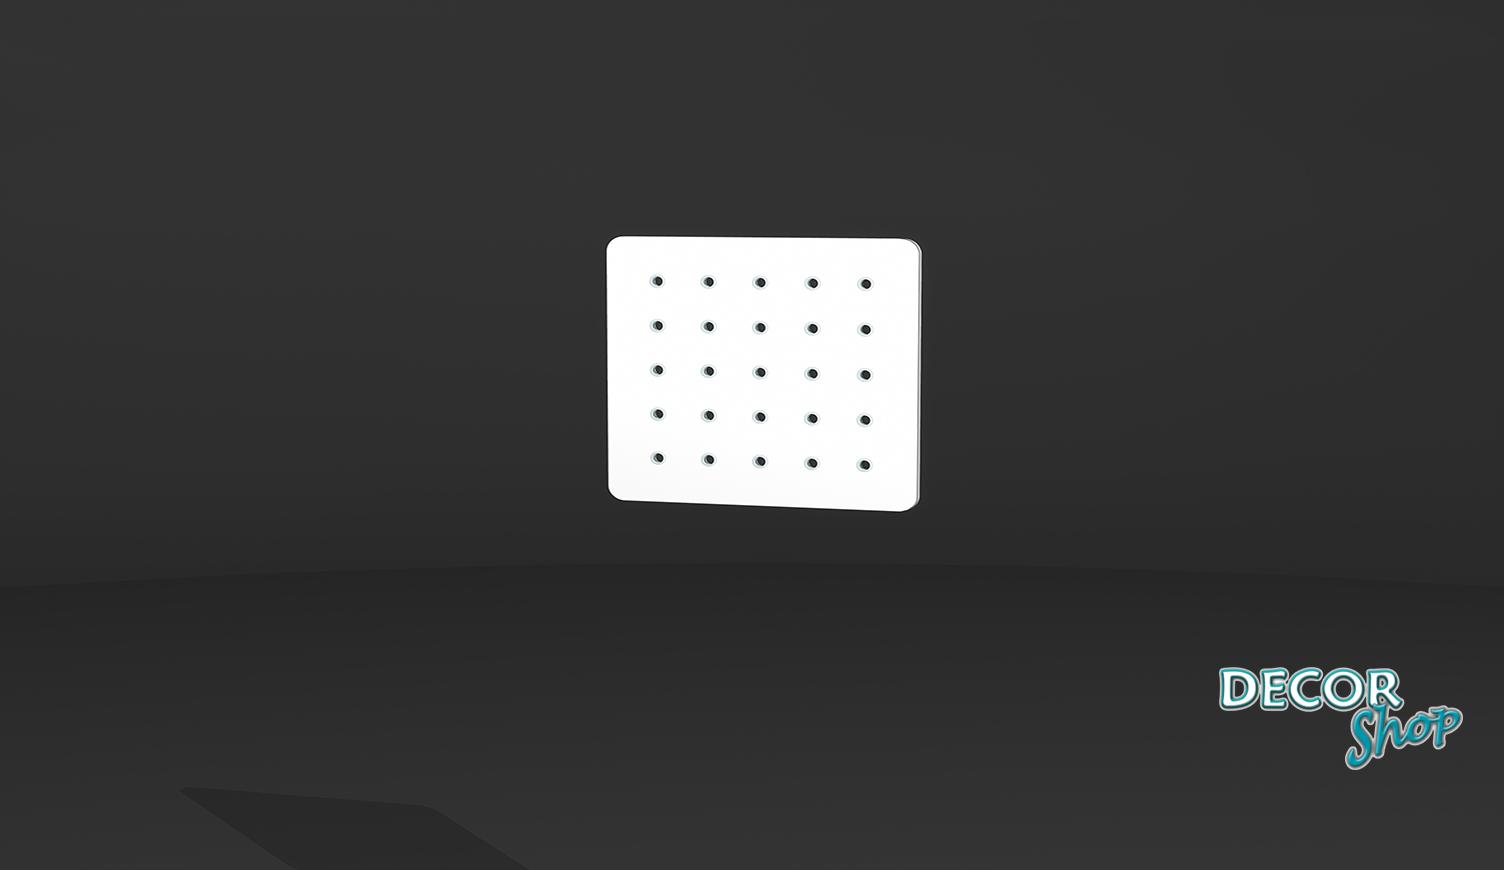 1 - Painel quadrado com botões de acrílico